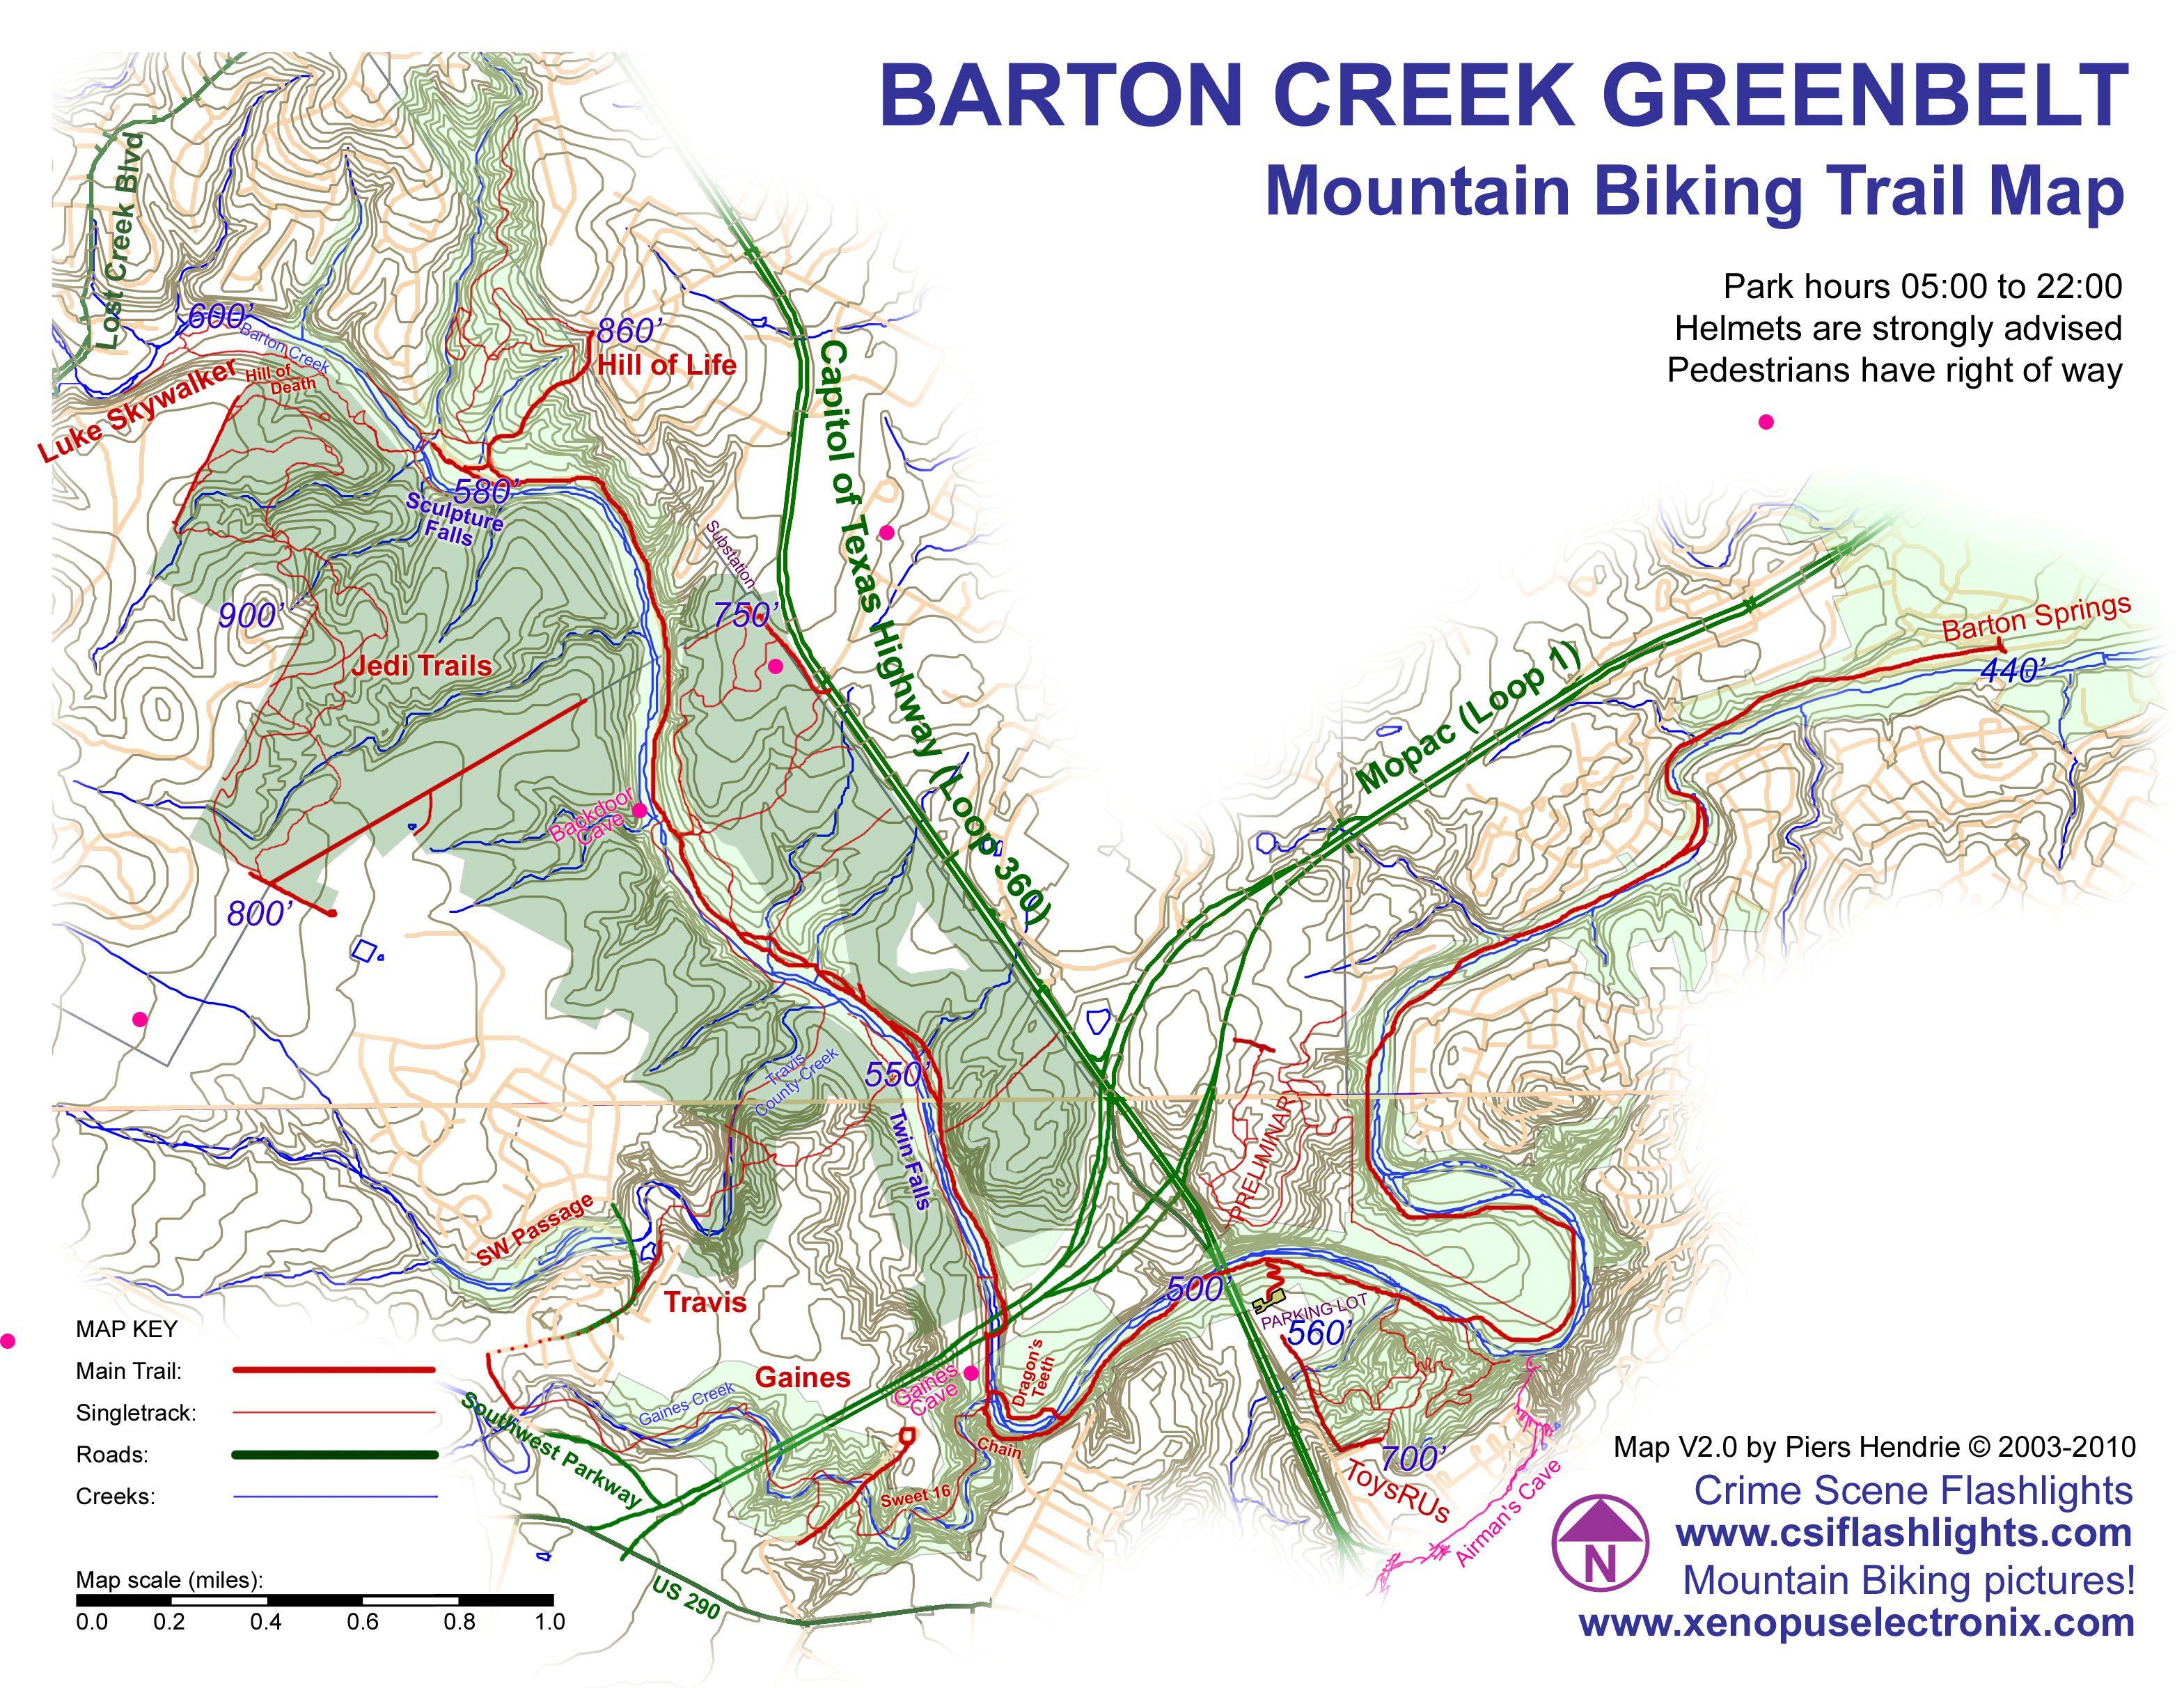 Barton Creek Greenbelt Mountain Biking Trail Barton Creek